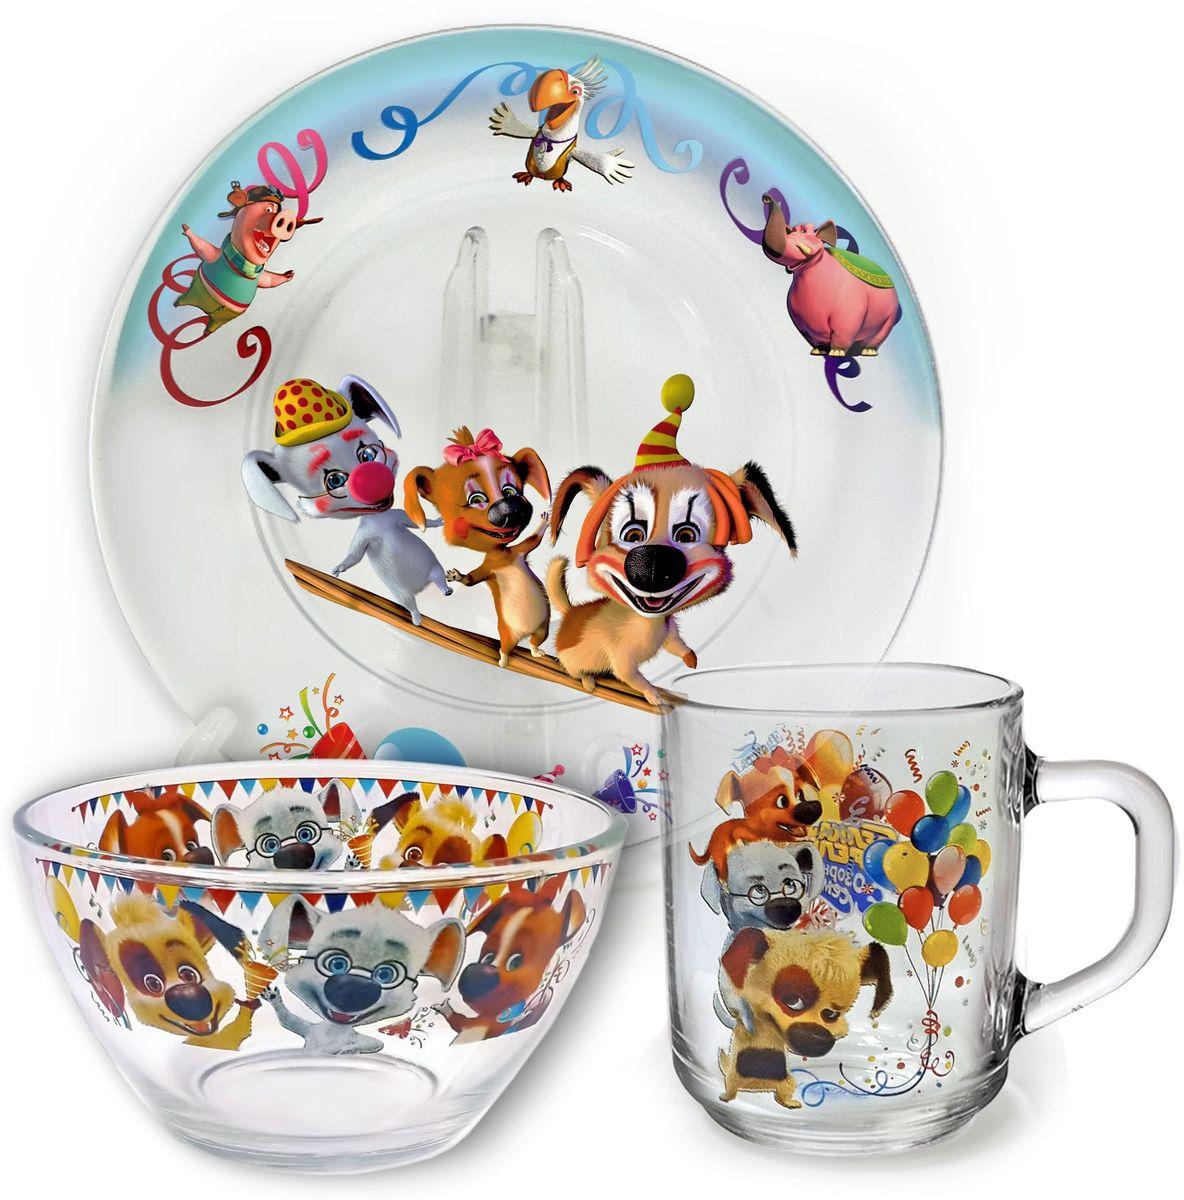 Набор посуды Белка и Стрелка В цирке, 3 предмета628-059От качества посуды зависит не только вкус еды, но и здоровье человека. Набор посуды Белка и Стрелка В цирке выполнен из высококачественного стекла и состоит из тарелки, кружки и салатника. Любой хозяйке будет приятно держать его в руках. Состав набора: тарелка 19 см, кружка 210 мл, салатник 13 см, 250 мл.